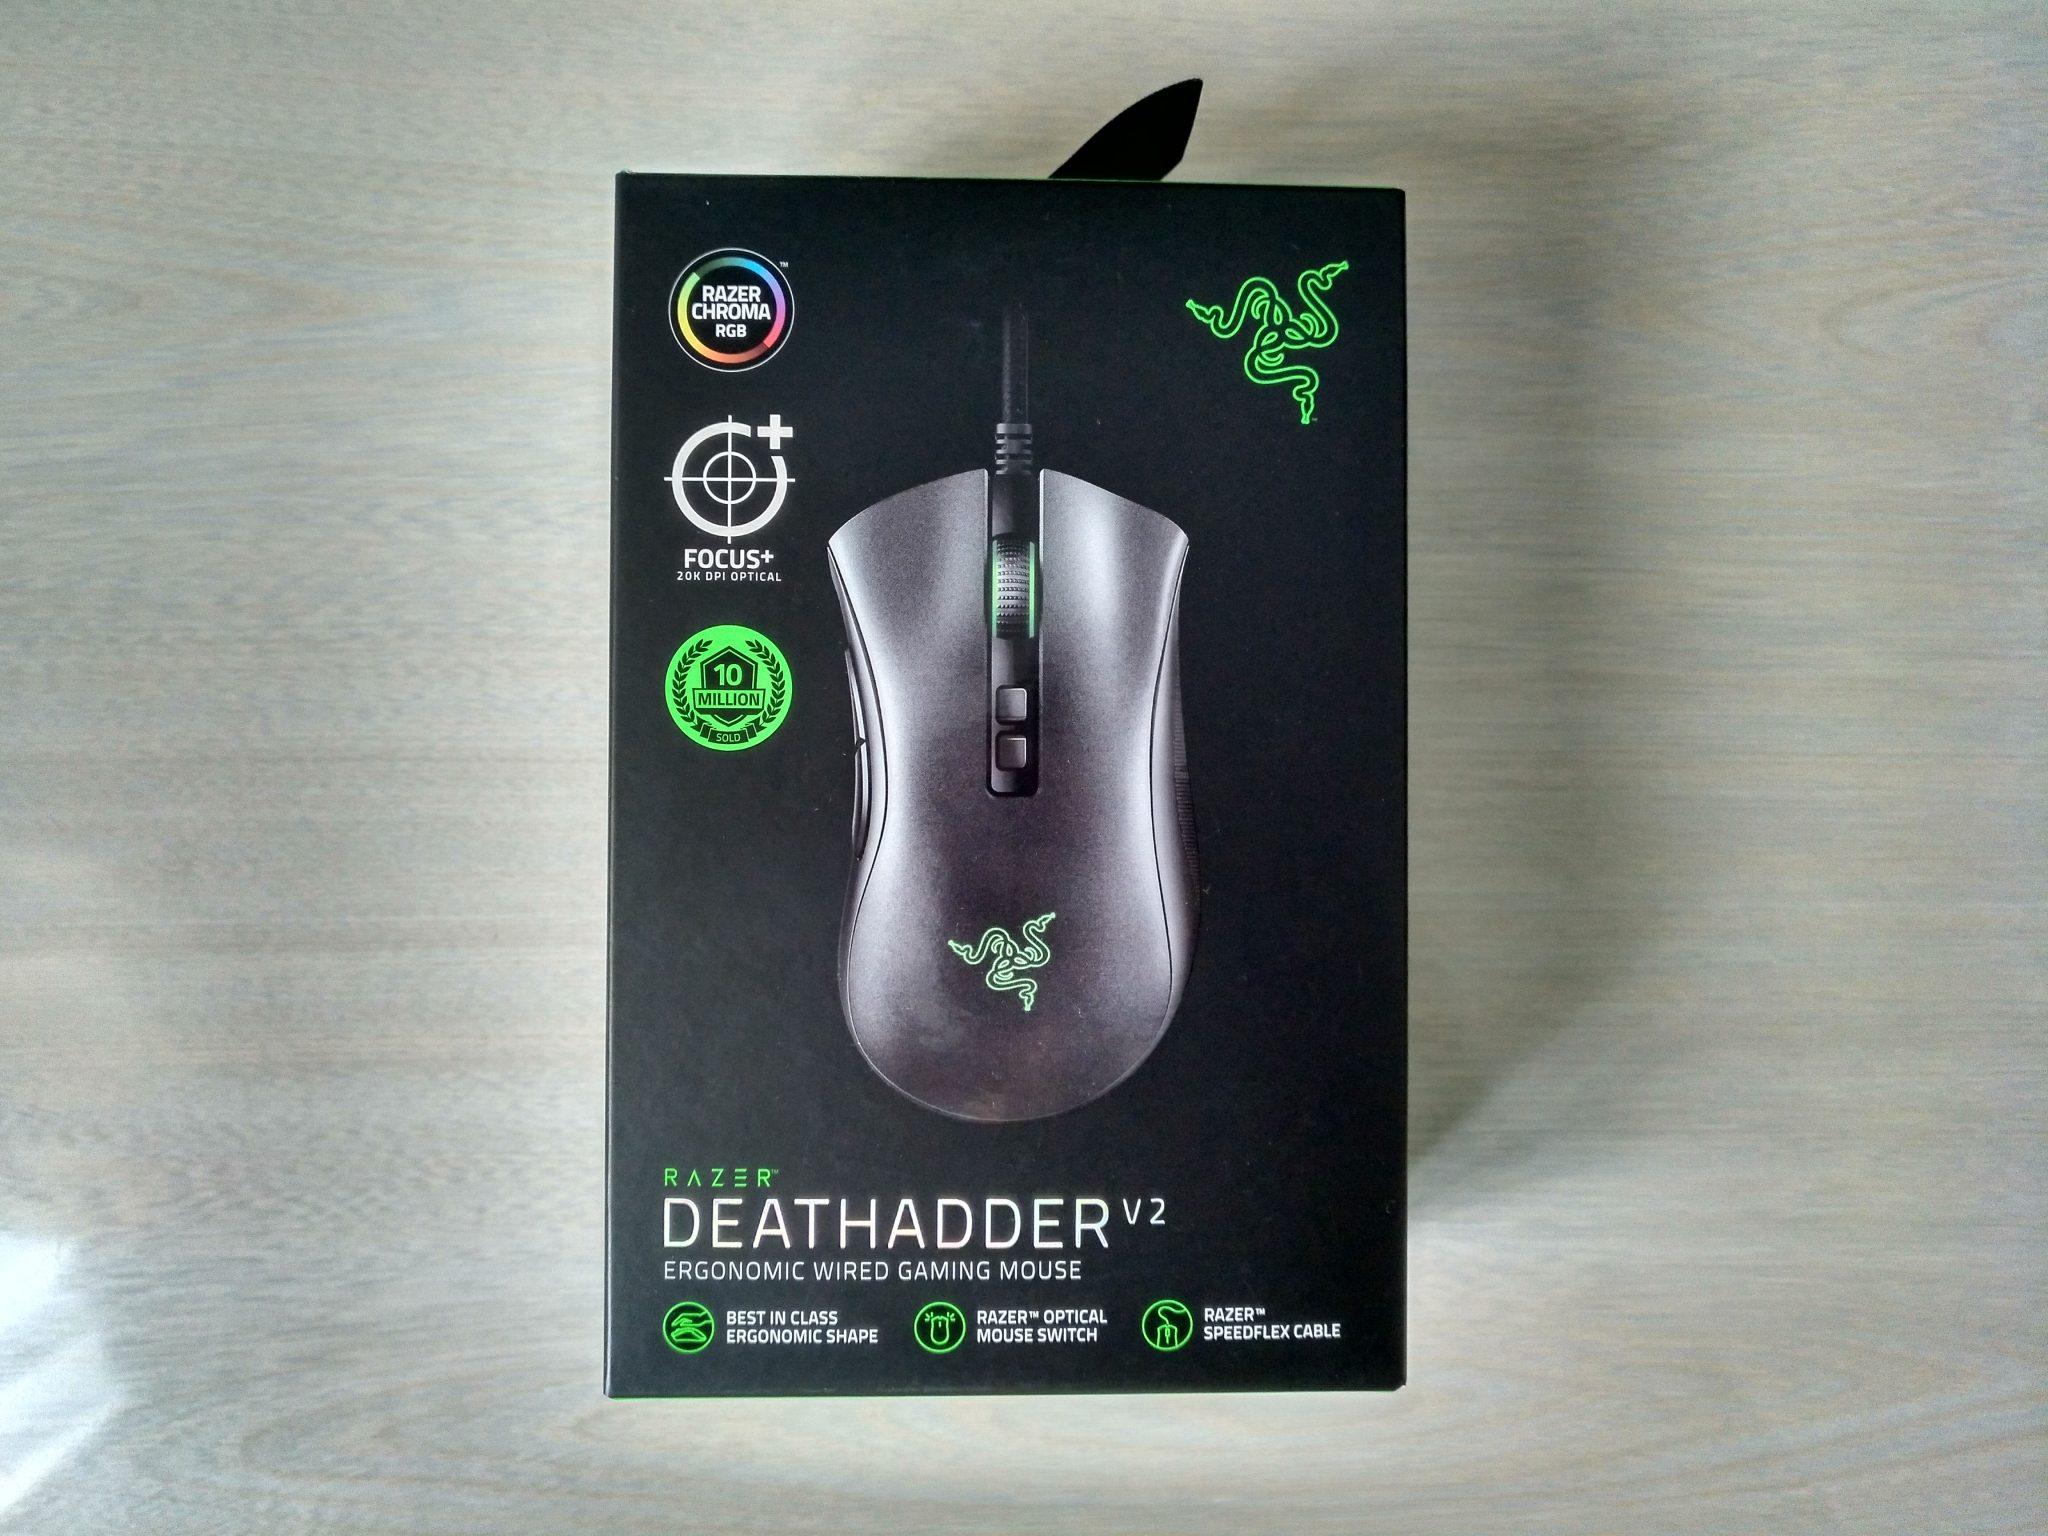 Razer™ DeathAdder V2 - Review